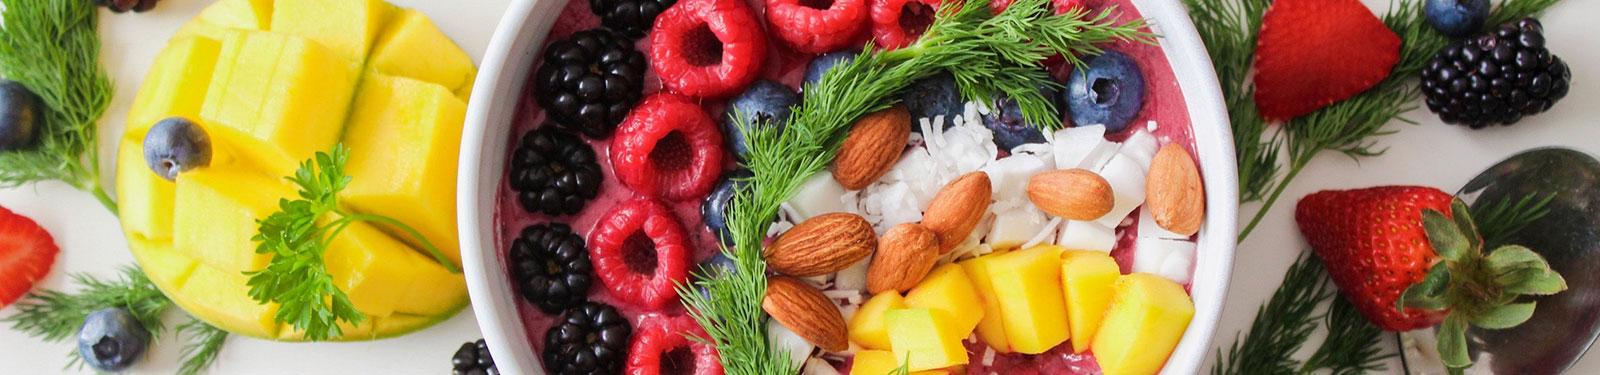 importante la alimentacion balanceada